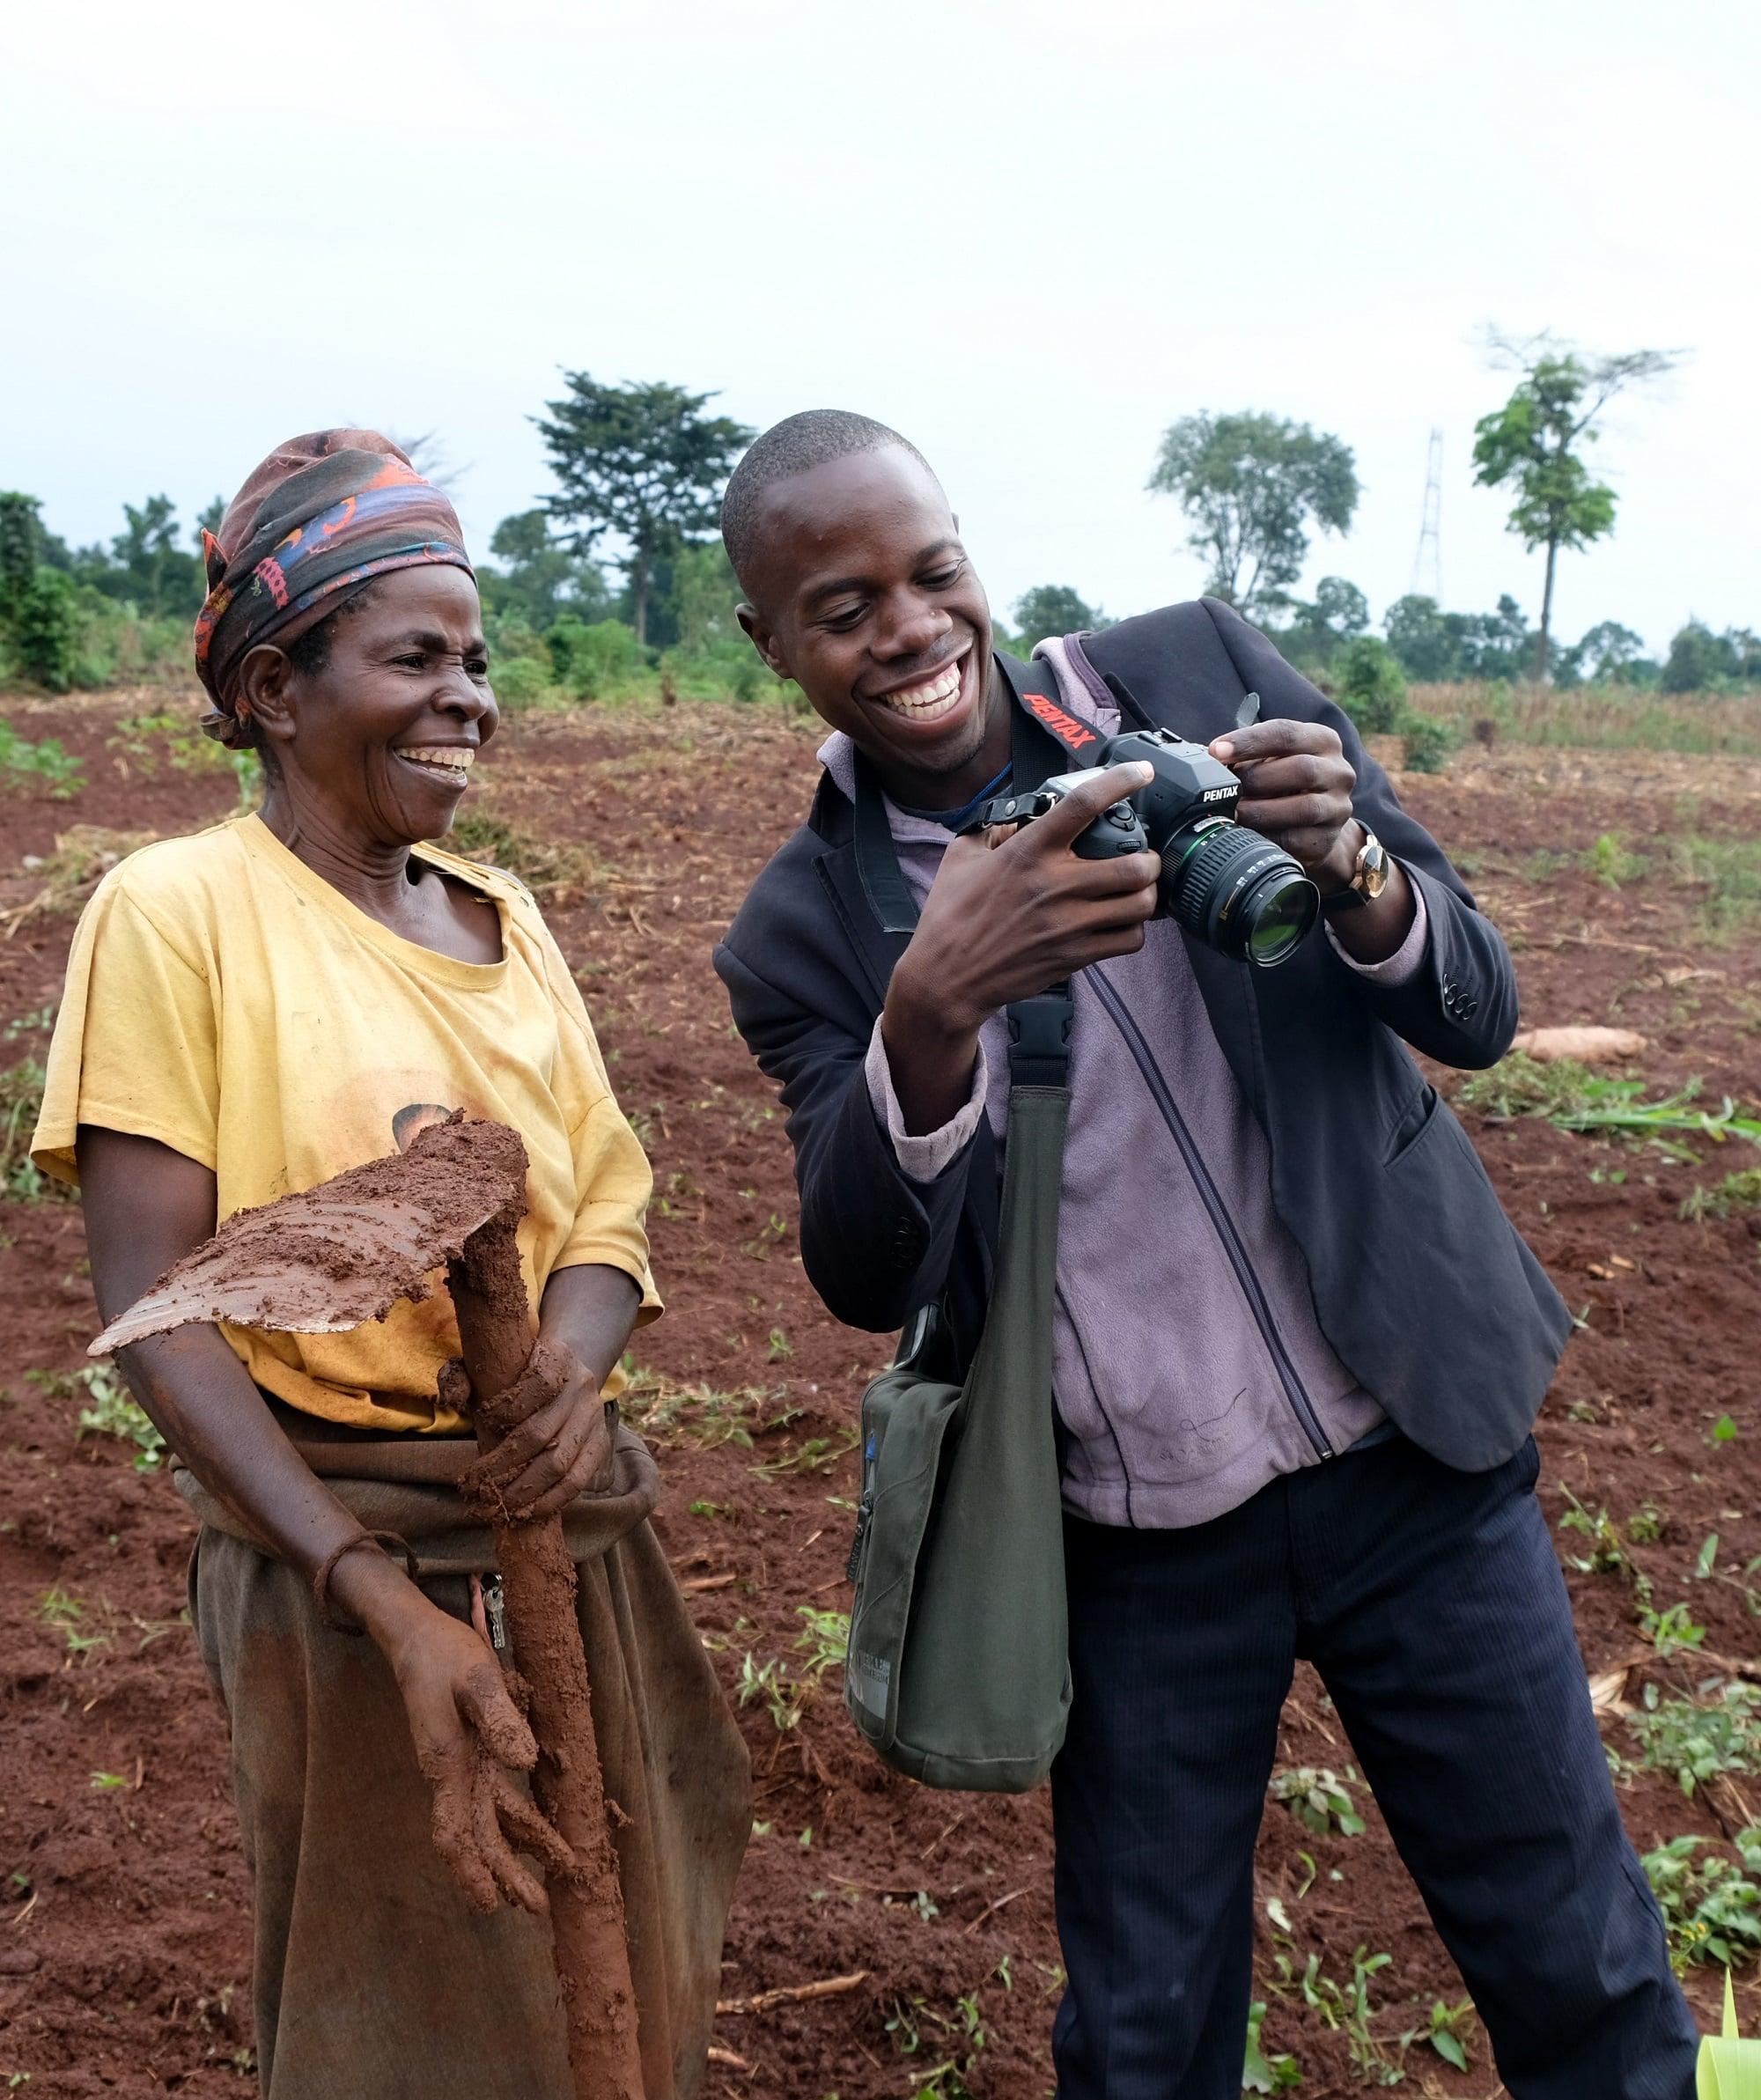 Uganda-Yusuf-showing-photo-low-res